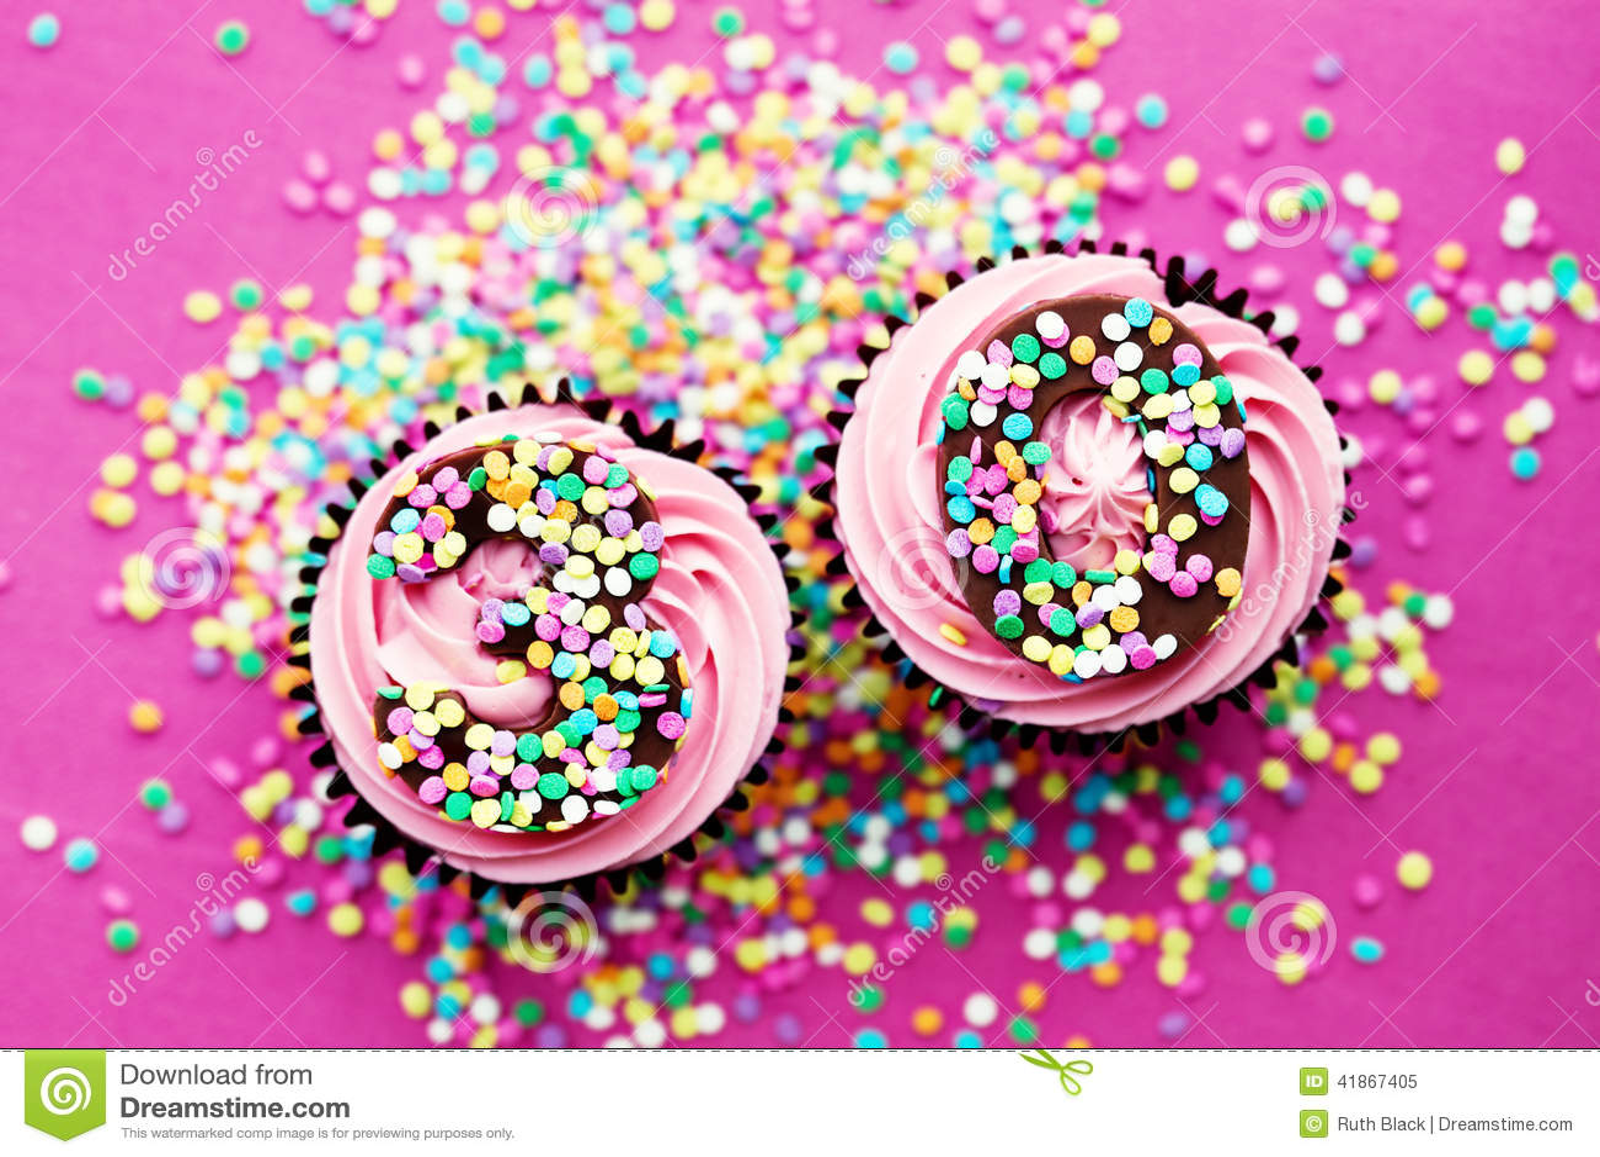 30ste Verjaardag Voorraadbeelden Download 494 Royalty Vrije Foto S